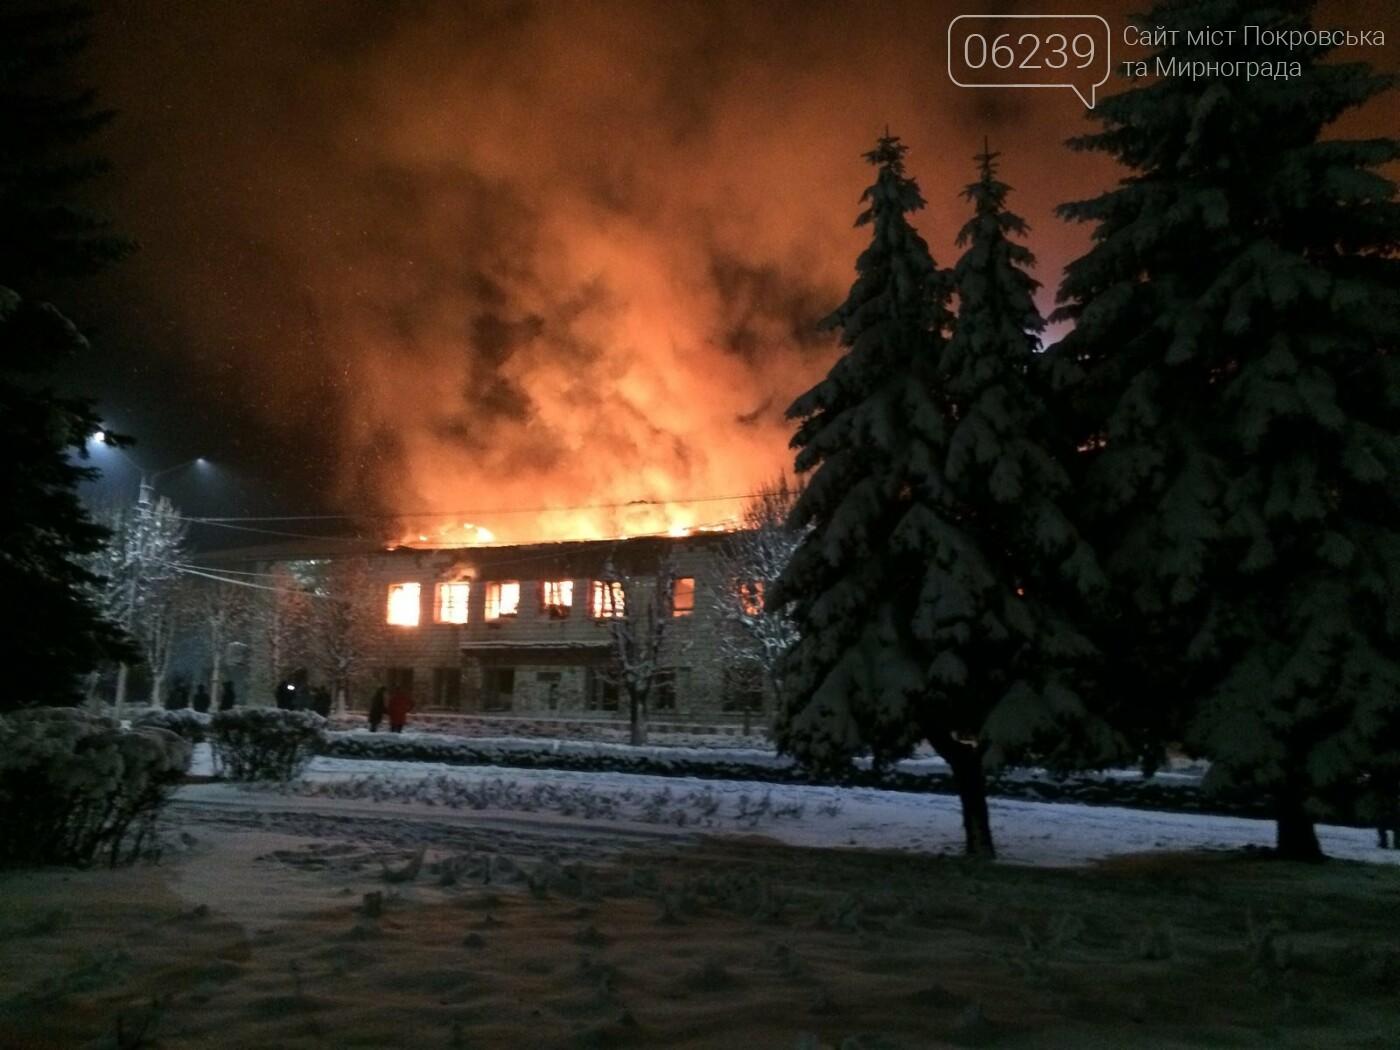 Стали известны детали пожара здания ВЦ в центре Мирнограда, фото-1